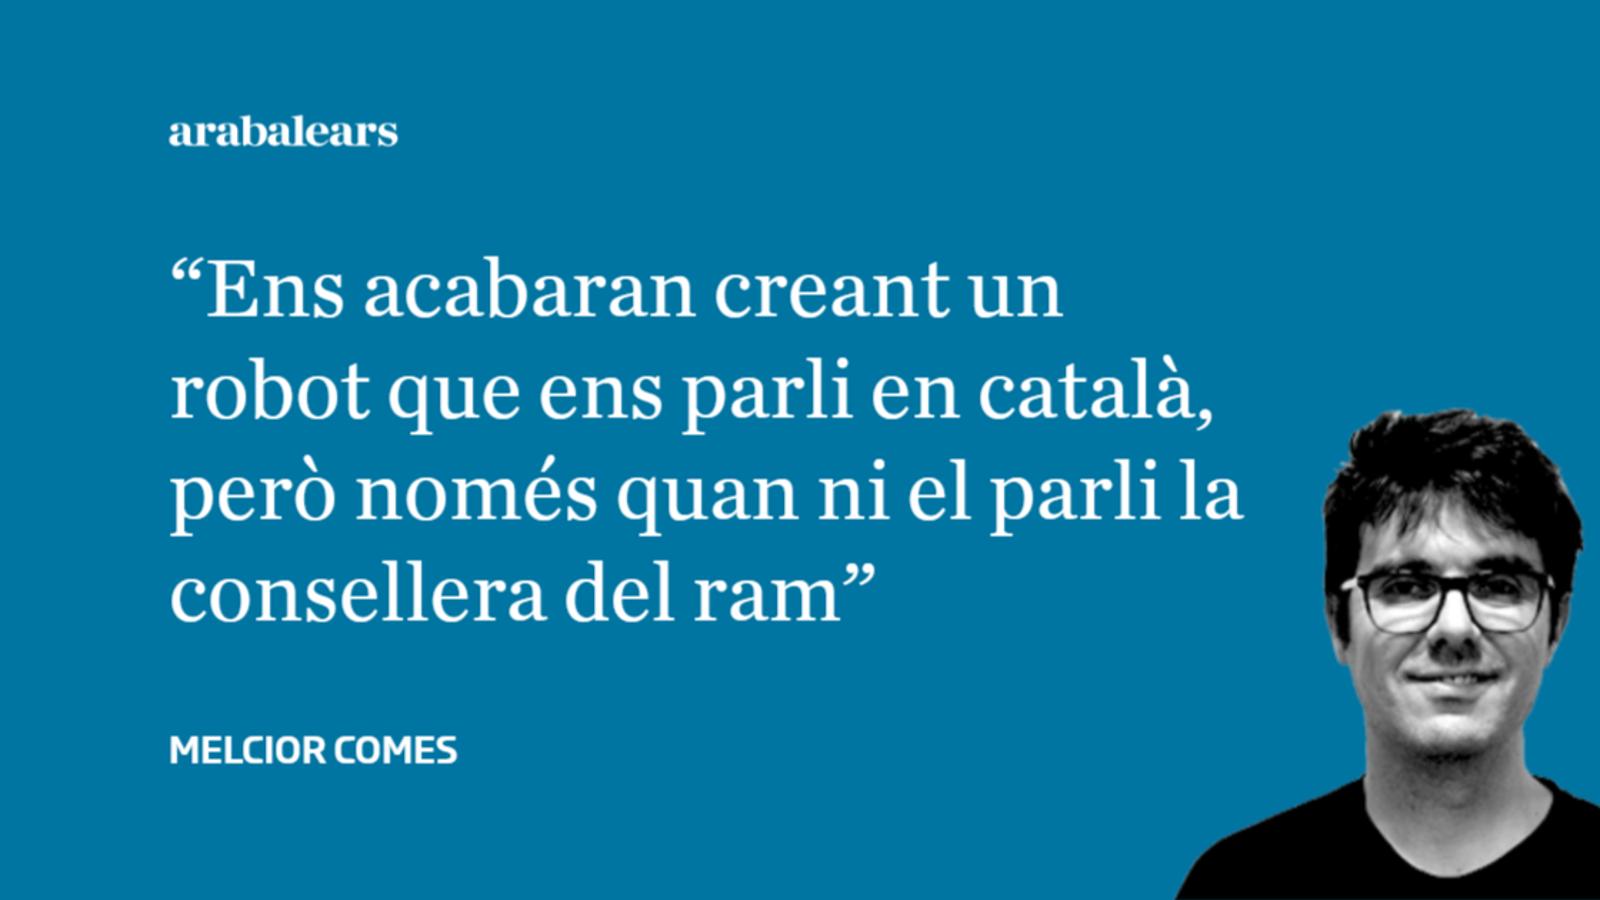 Robots catalans